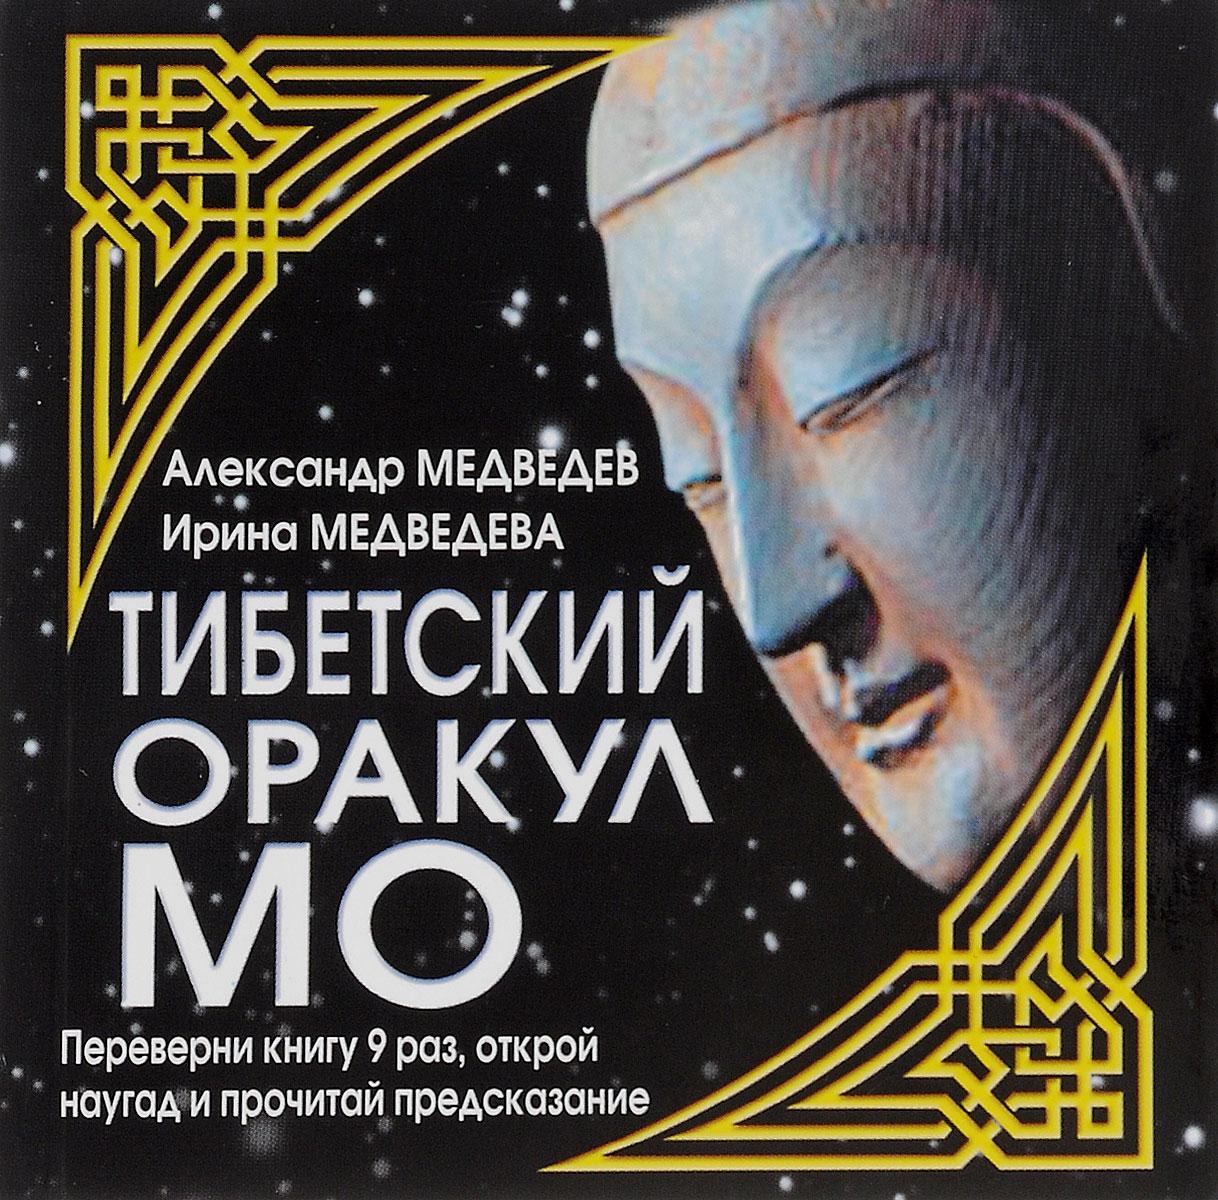 Александр Медведев, Ирина Медведева Тибетский оракул МО погоны парадные мо вс в калуге